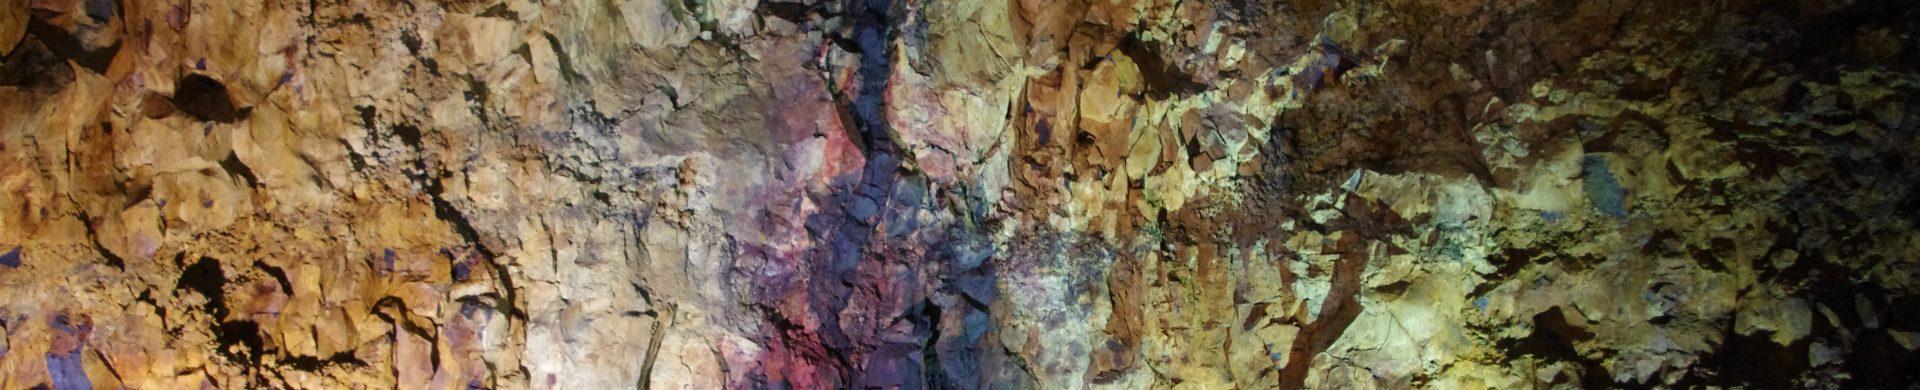 Aperçu d'une grotte de lave en Islande